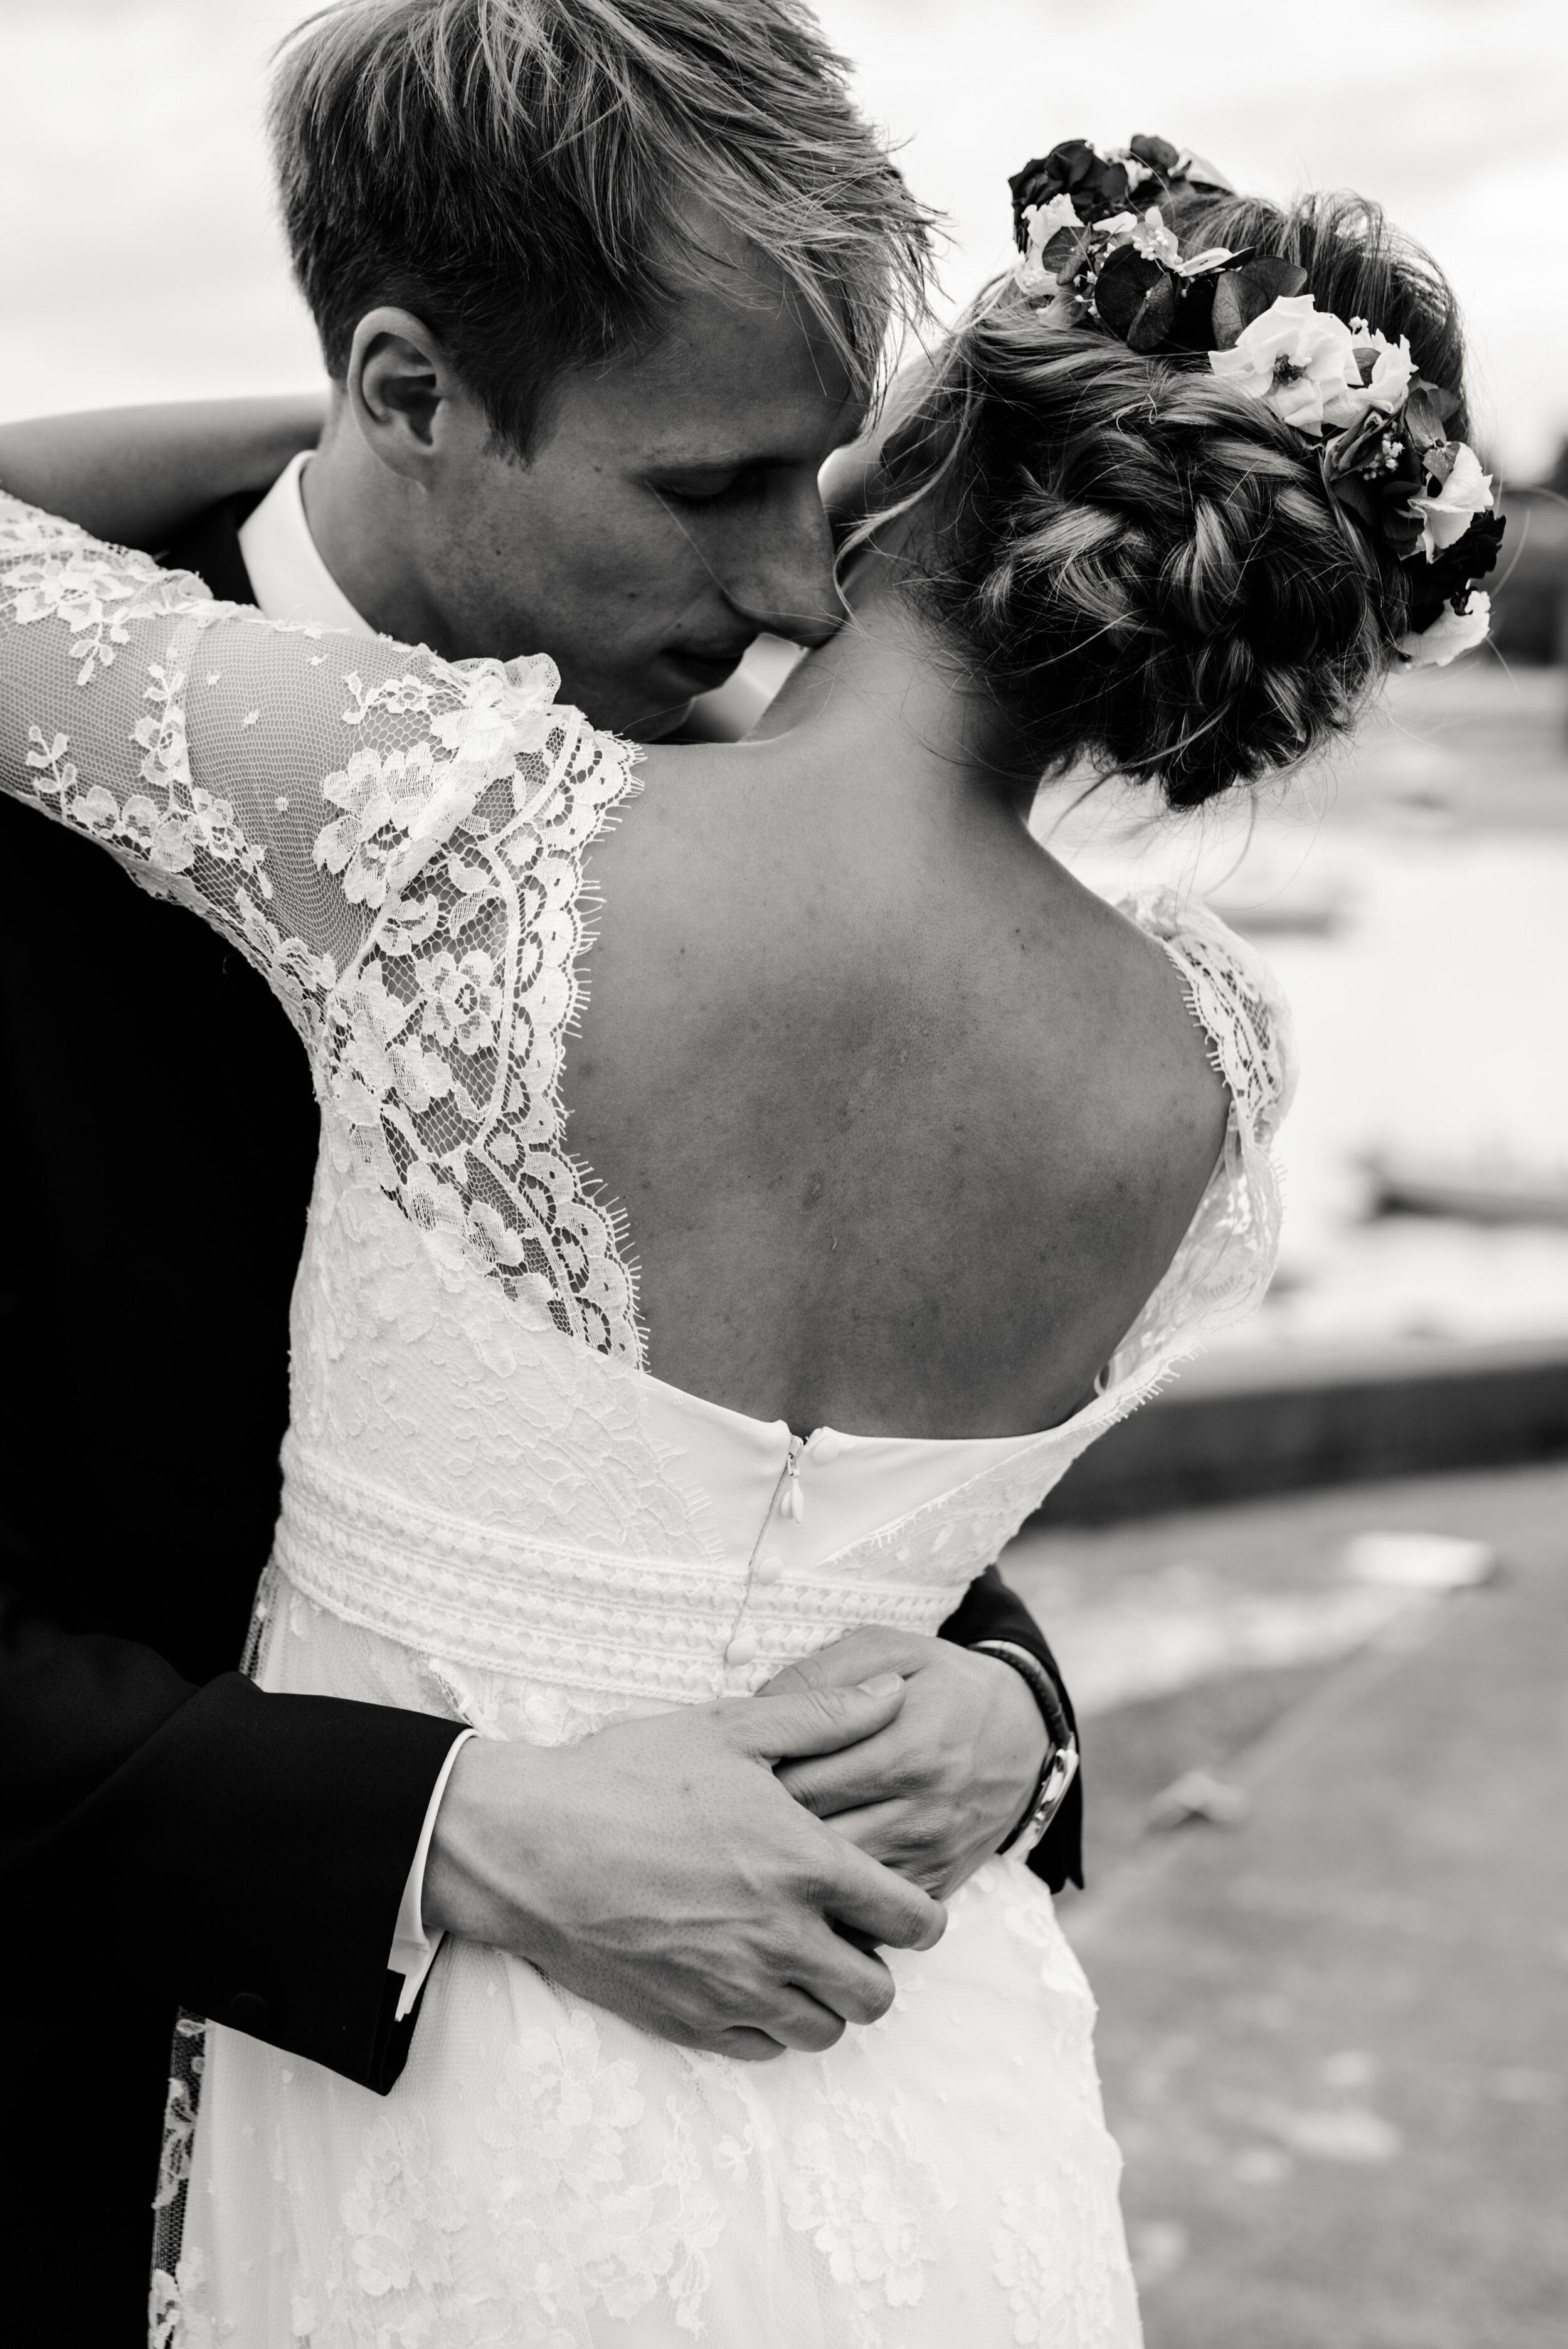 Léa-Fery-photographe-professionnel-Bretagne-portrait-creation-mariage-evenement-evenementiel-famille-2095.jpg